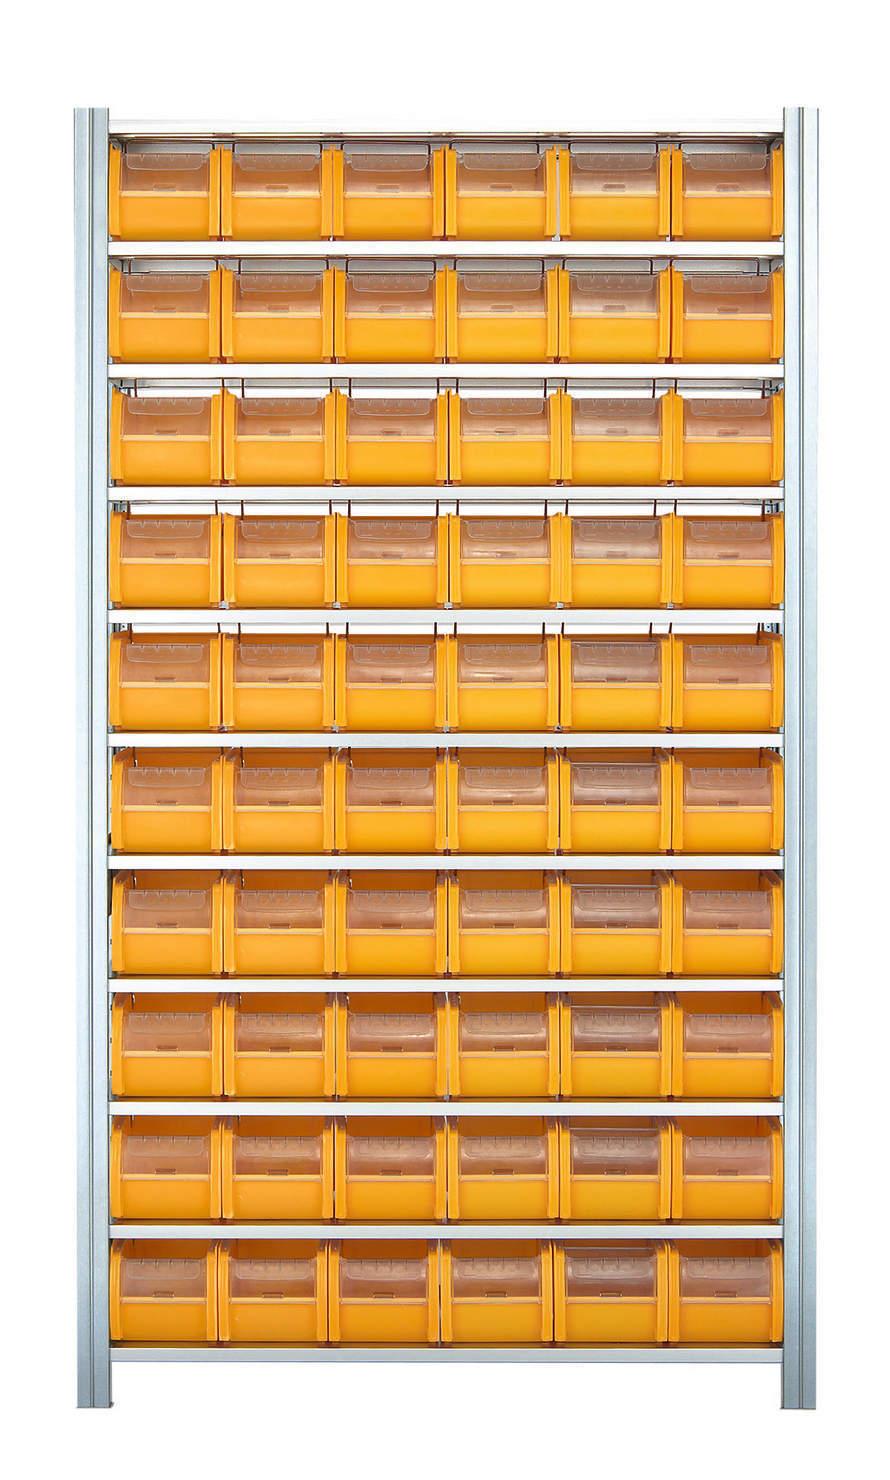 Full Size of Kanban Regal Englisch Gebraucht Kosten Regalsysteme Fahrbar Mit Türen Babyzimmer Aus Obstkisten Ahorn Designer Regale Gastro Ohne Rückwand Kleiderschrank Regal Kanban Regal